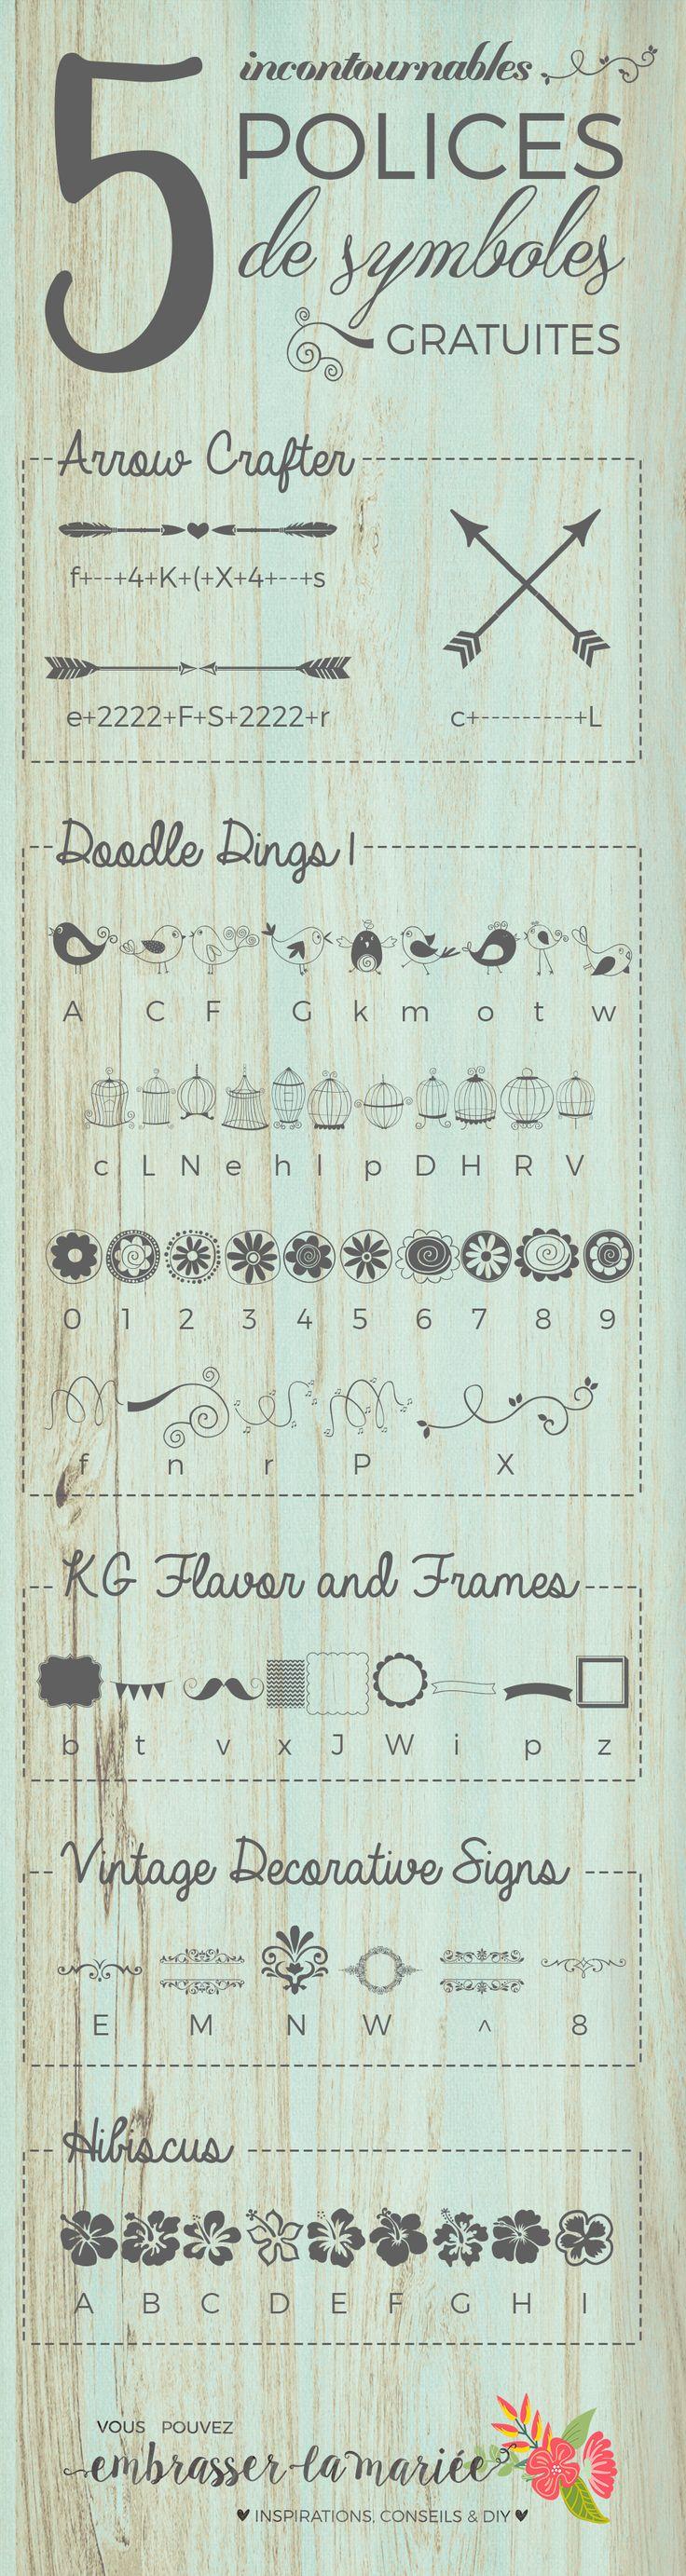 Utiliser des polices de symboles pour compléter un design ? Quelle bonne idée ! Ces 5 polices sont justement gratuites et vraiment jolies.